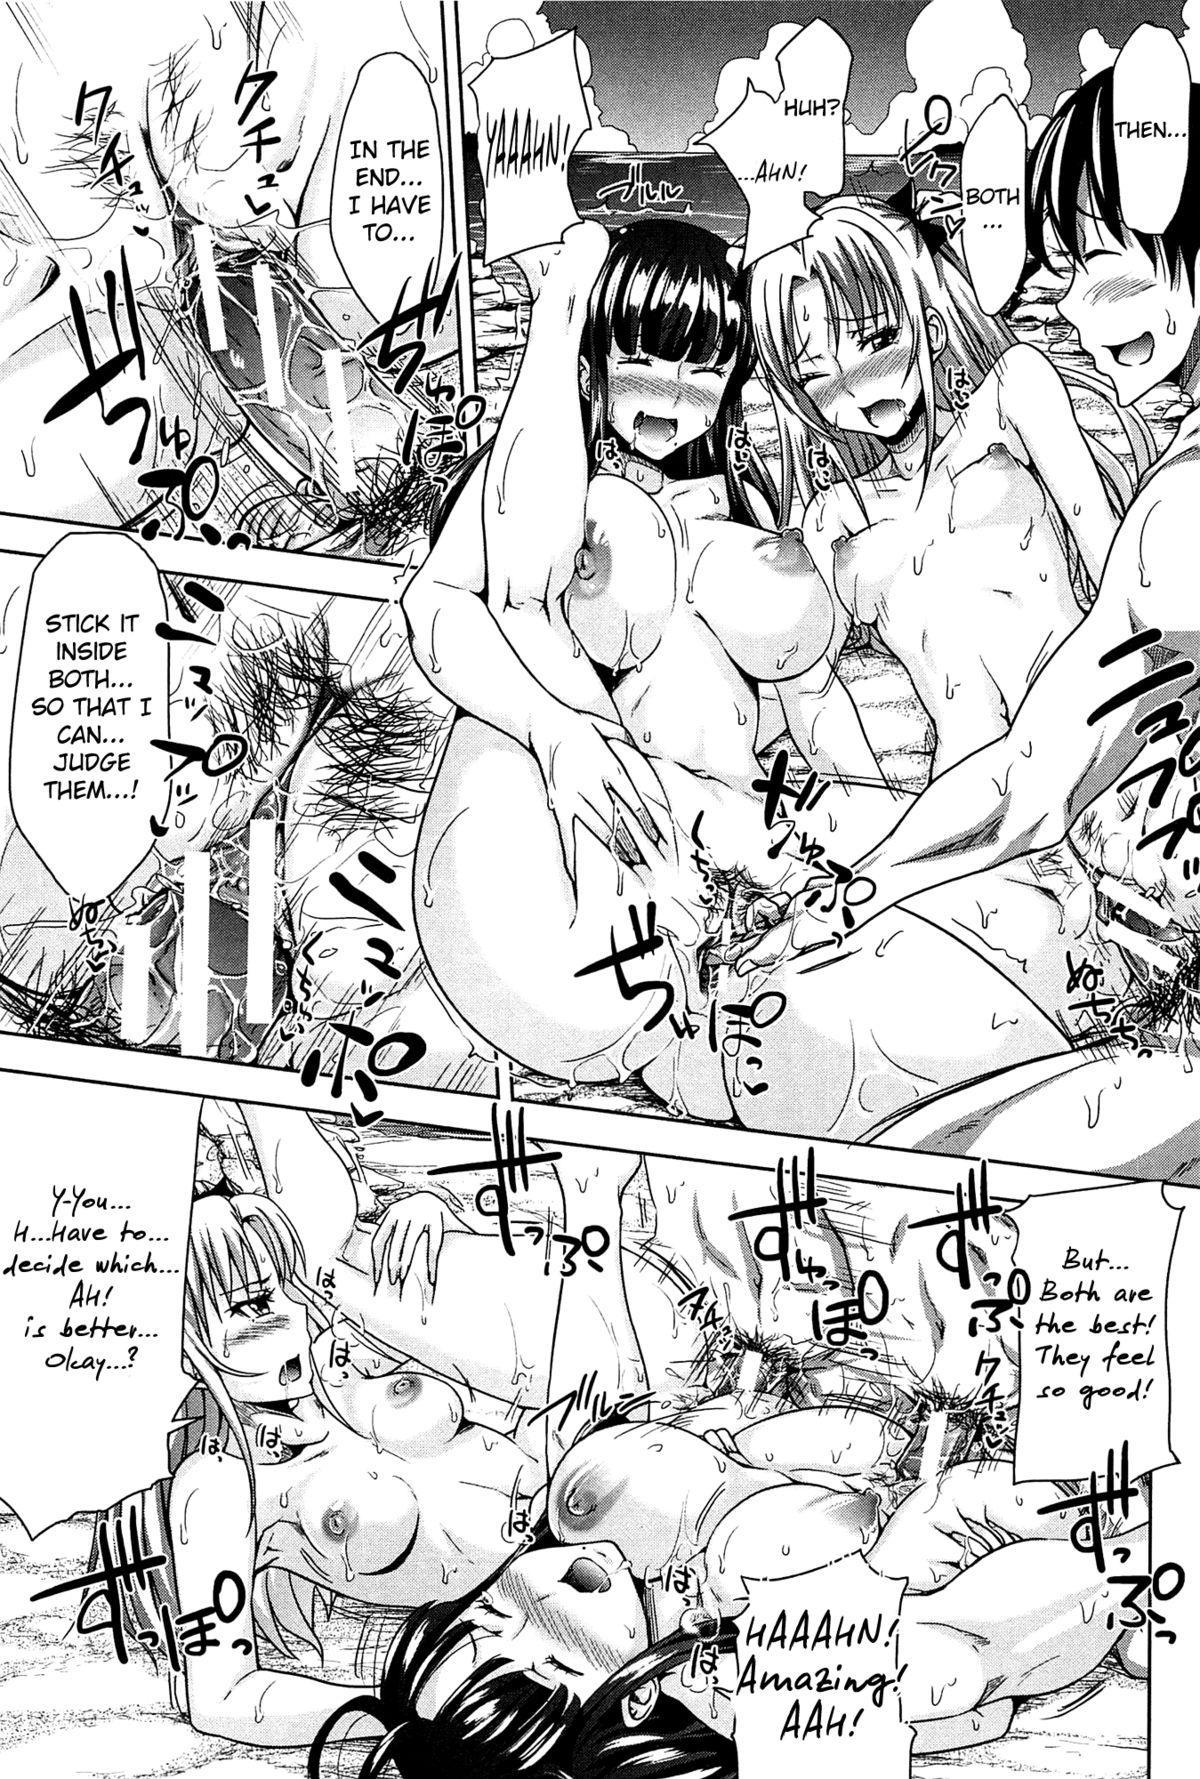 [Takuwan] H♥ERO -Sei no Kyoushitsu- Ch. 0-4 [English] [Mikakunin] 121